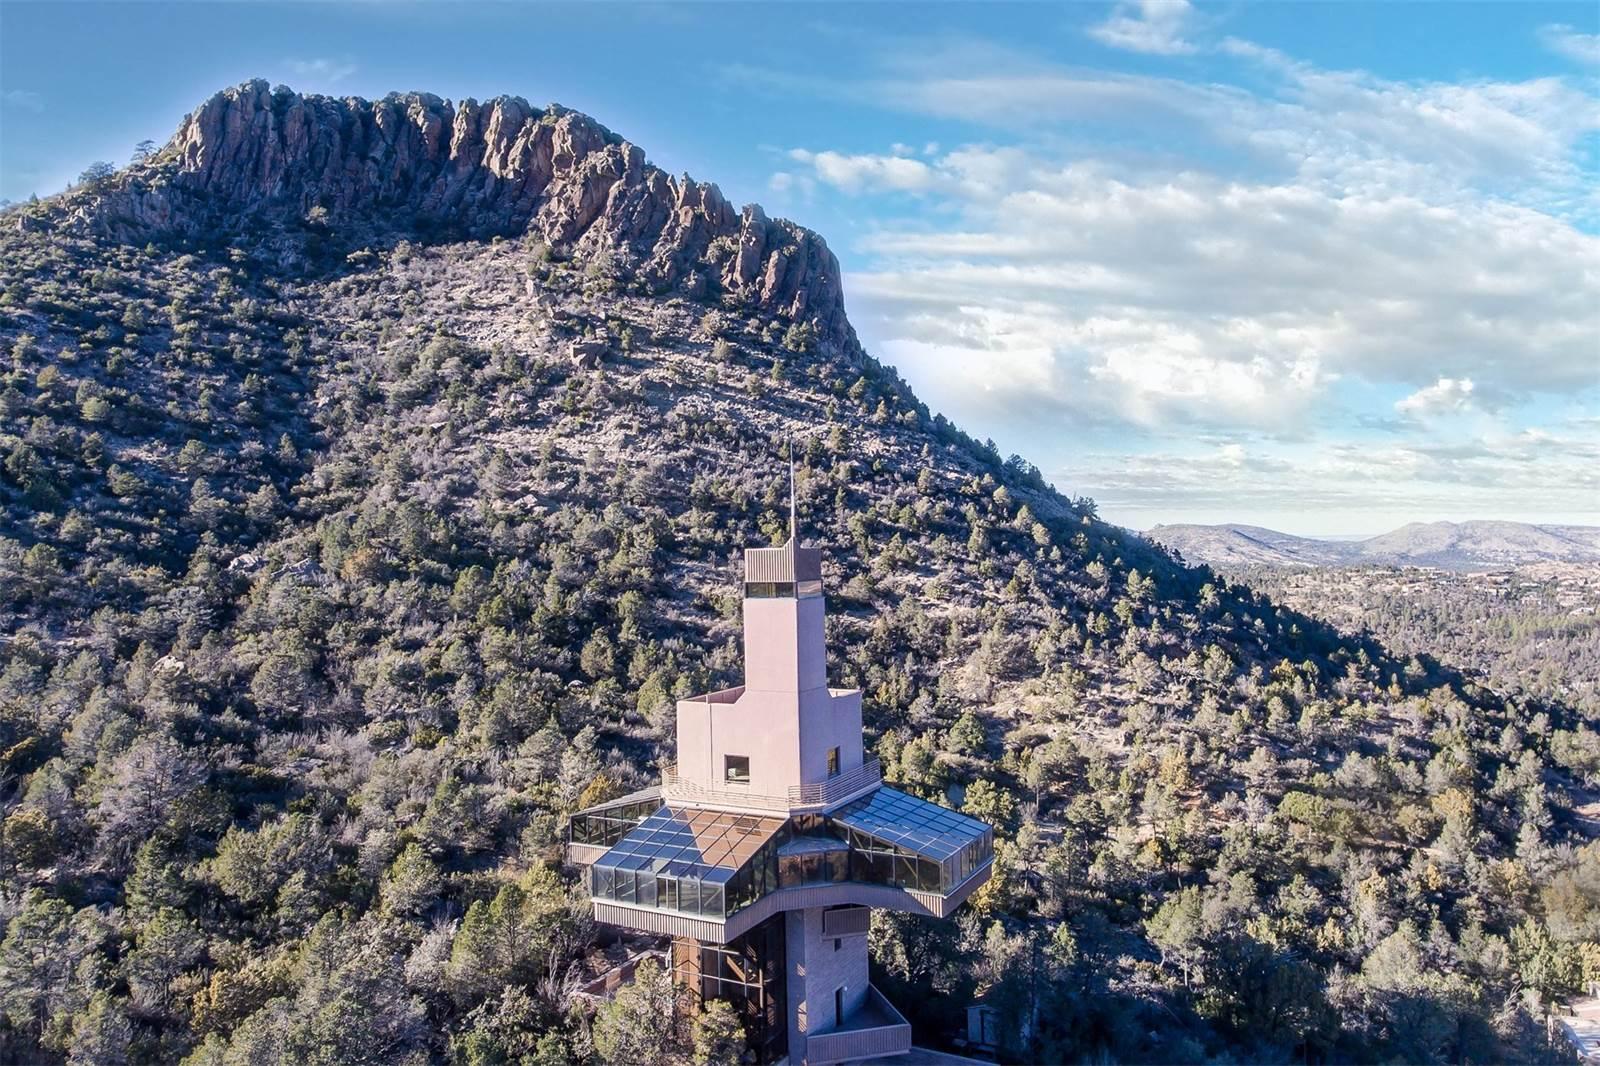 Дом-маяк построен вформе плюса награнице пустыни илесопарка. Форму ирасположение автор объясняет желанием «…непростопостроить здание, нои заложить внего очень хороший скрытый смысл»